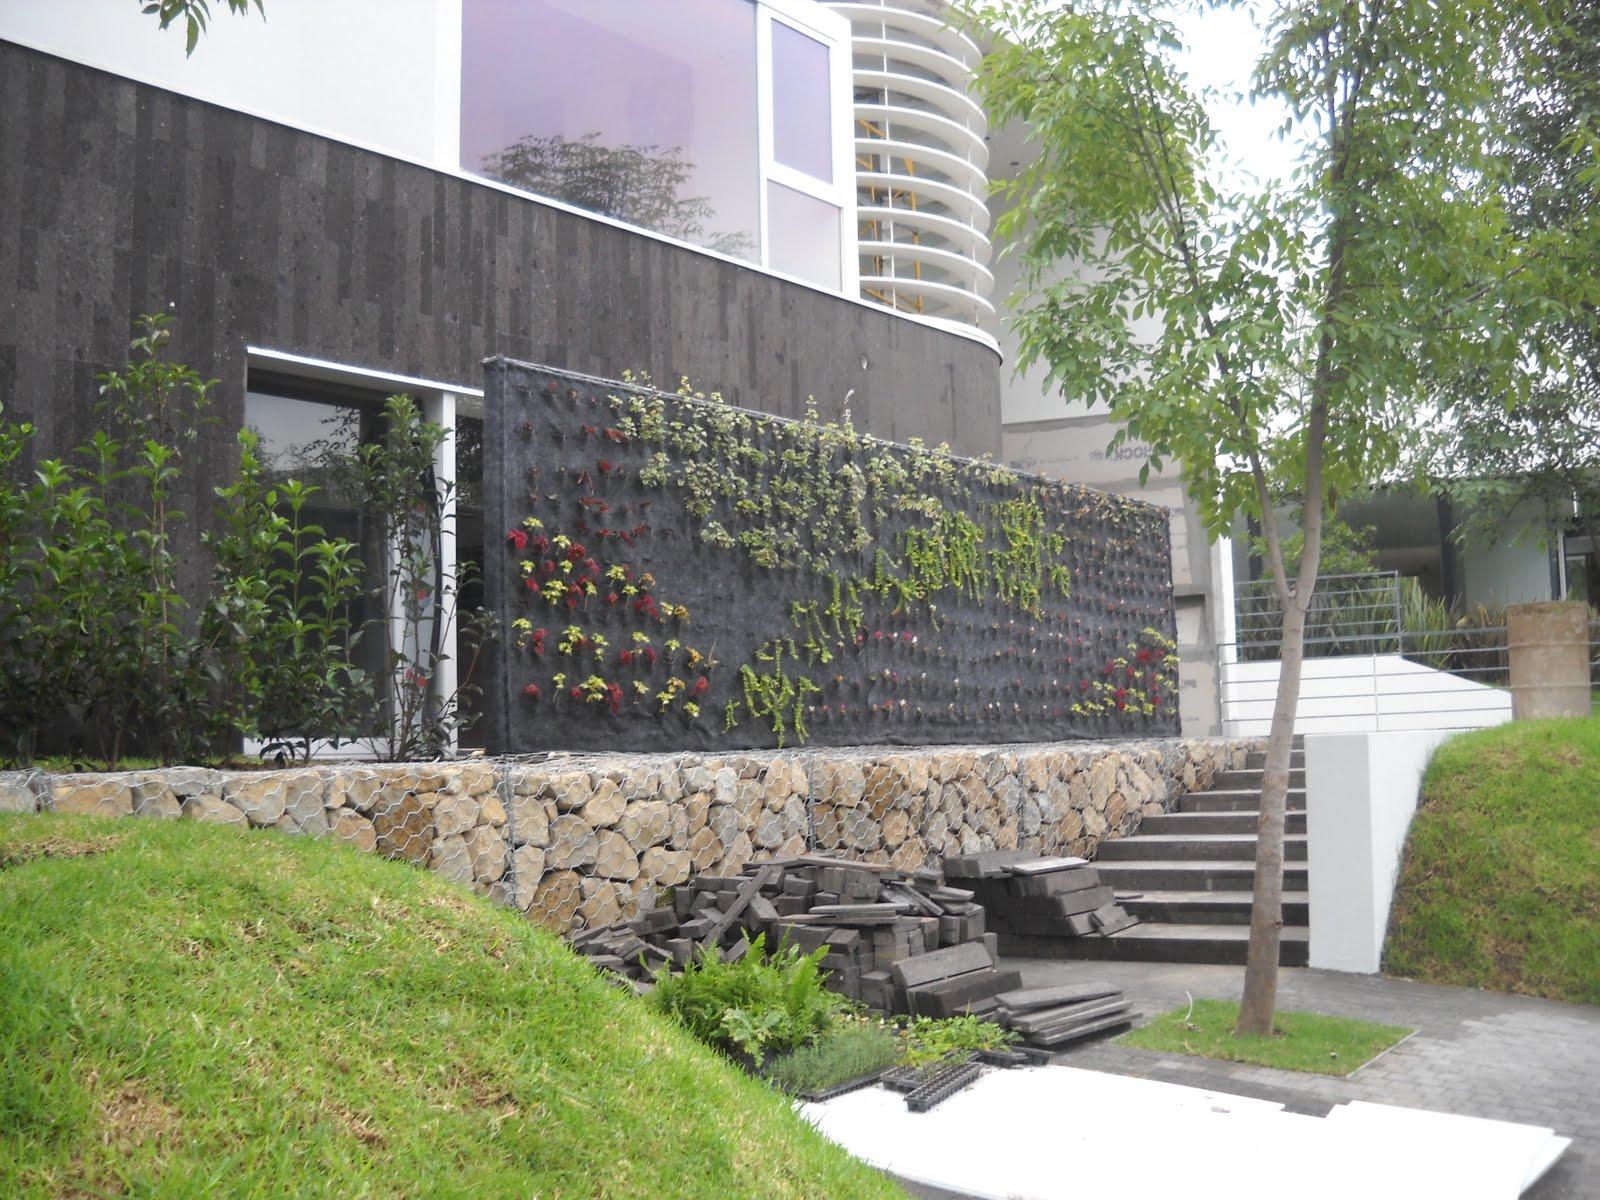 Jardines verticales monterrey muro curvo doble vista for Jardines verticales mexico